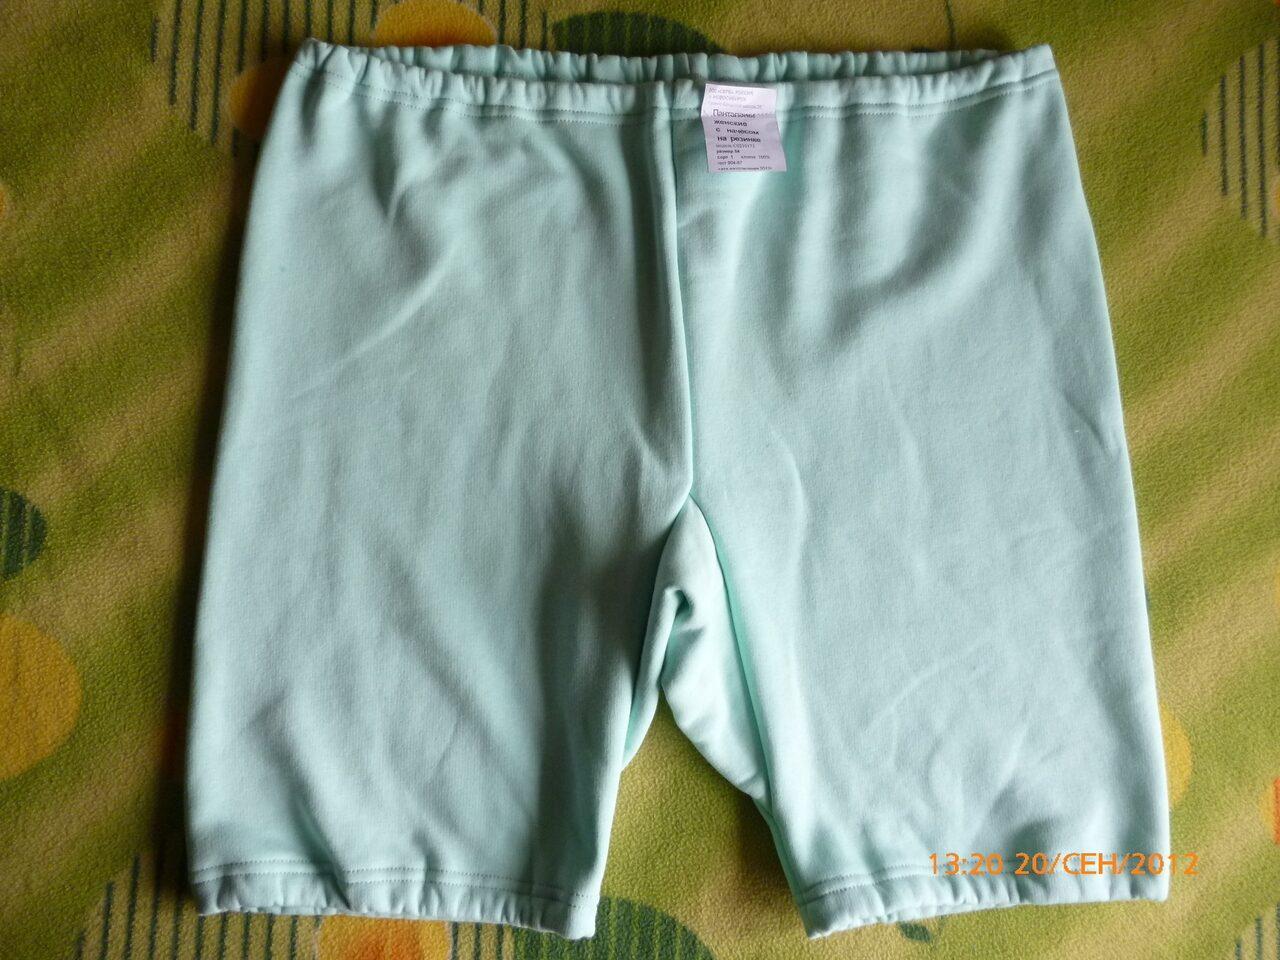 Фото панталон для толстых 5 фотография